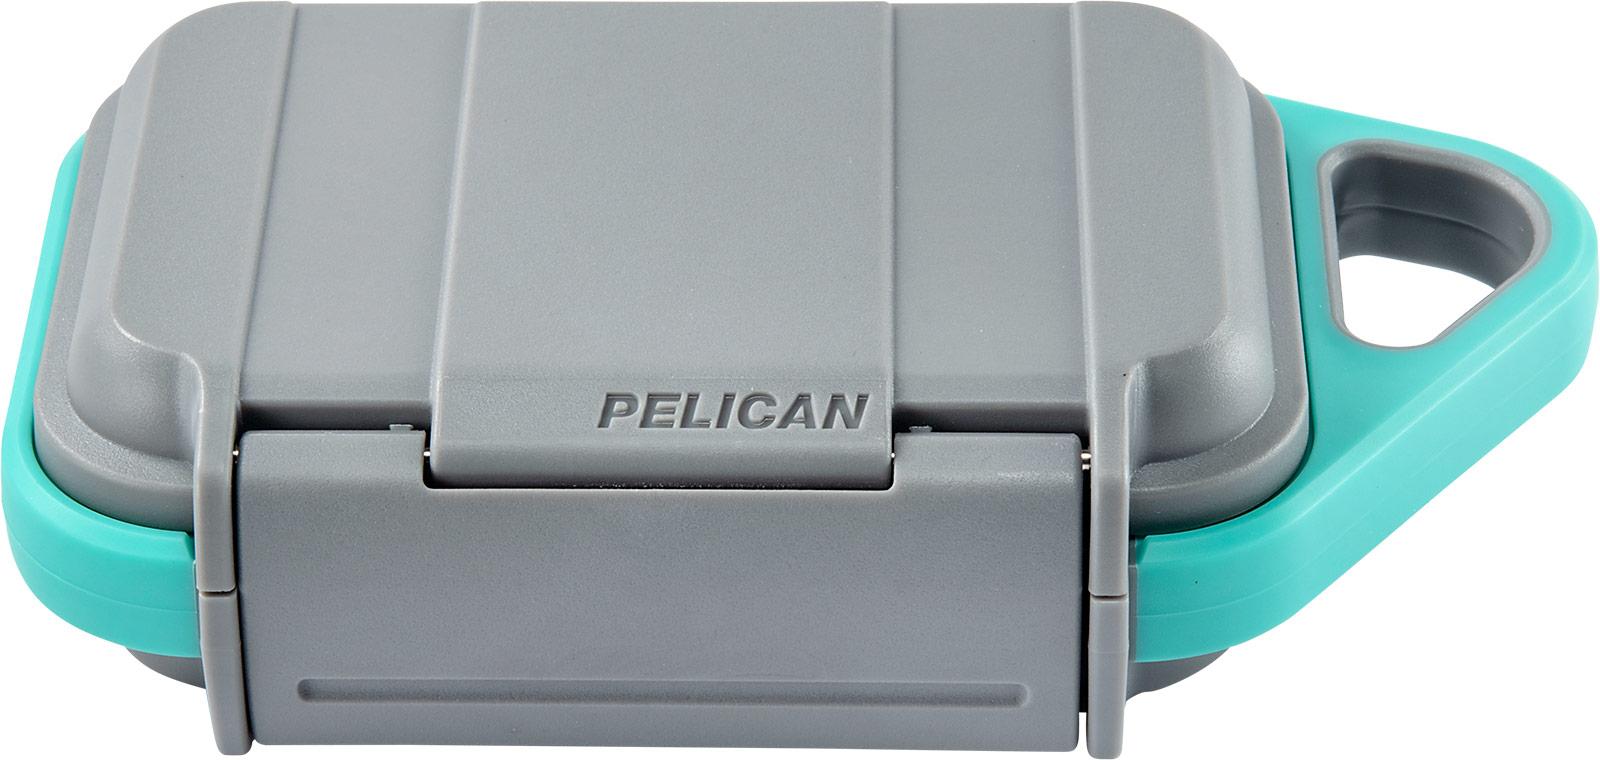 pelican micro personal go case g10